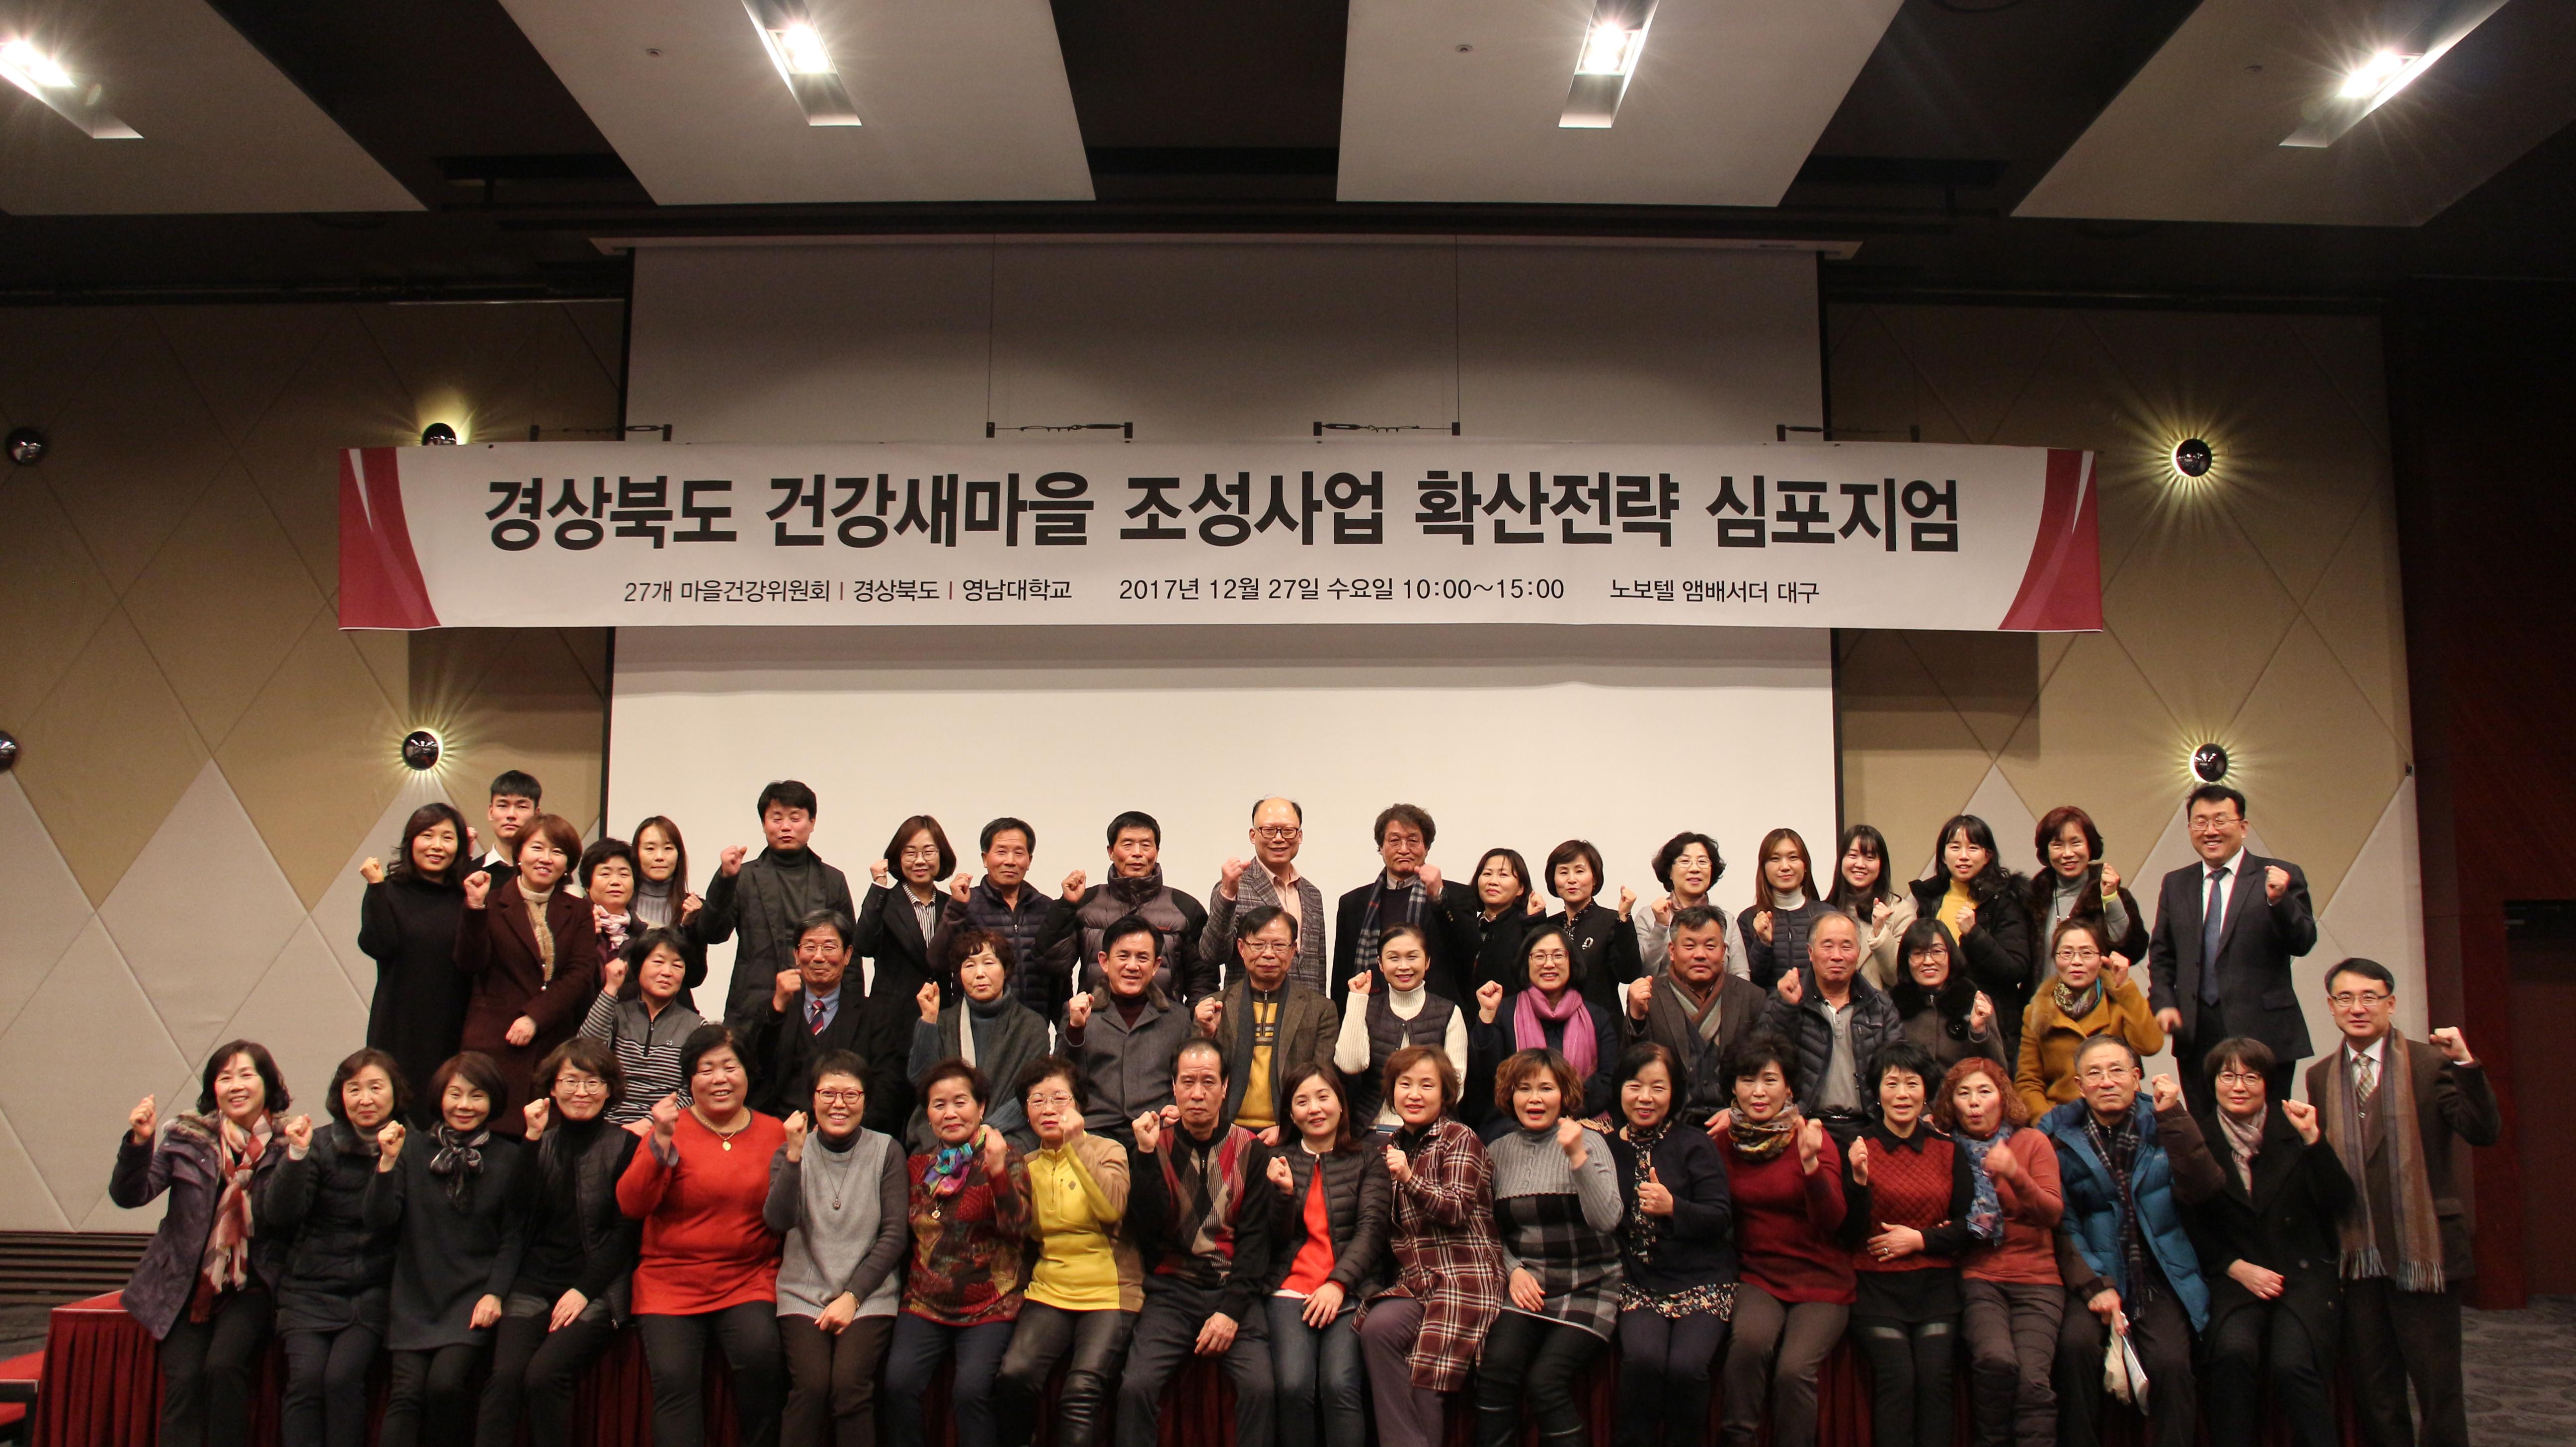 경상북도 건강새마을 조성사업 확산전략 심포지엄(12/27)